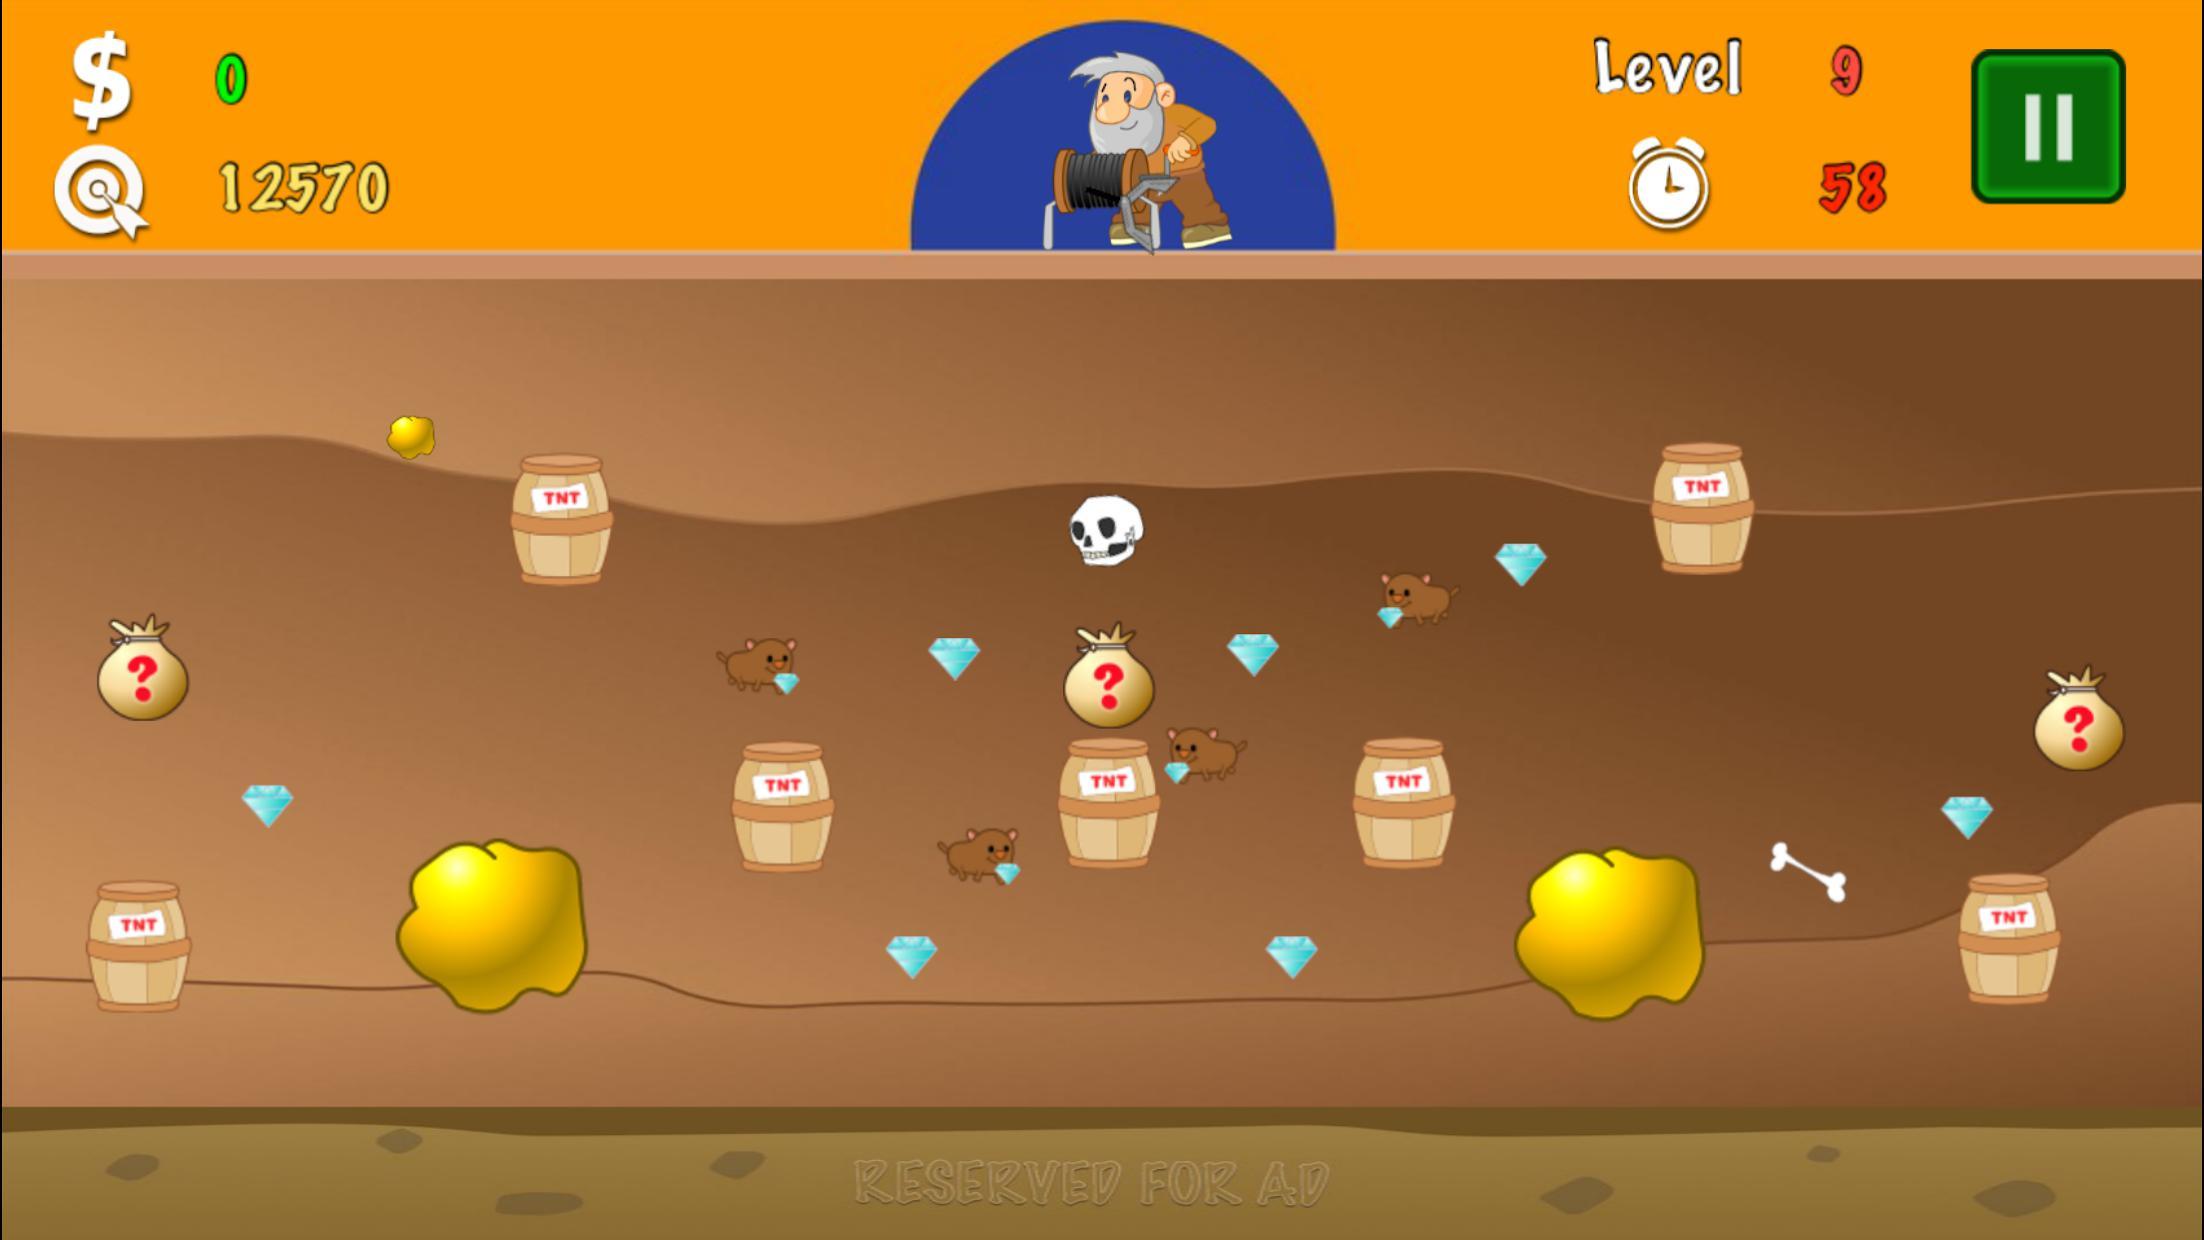 黄金矿工 - 起源 游戏截图4